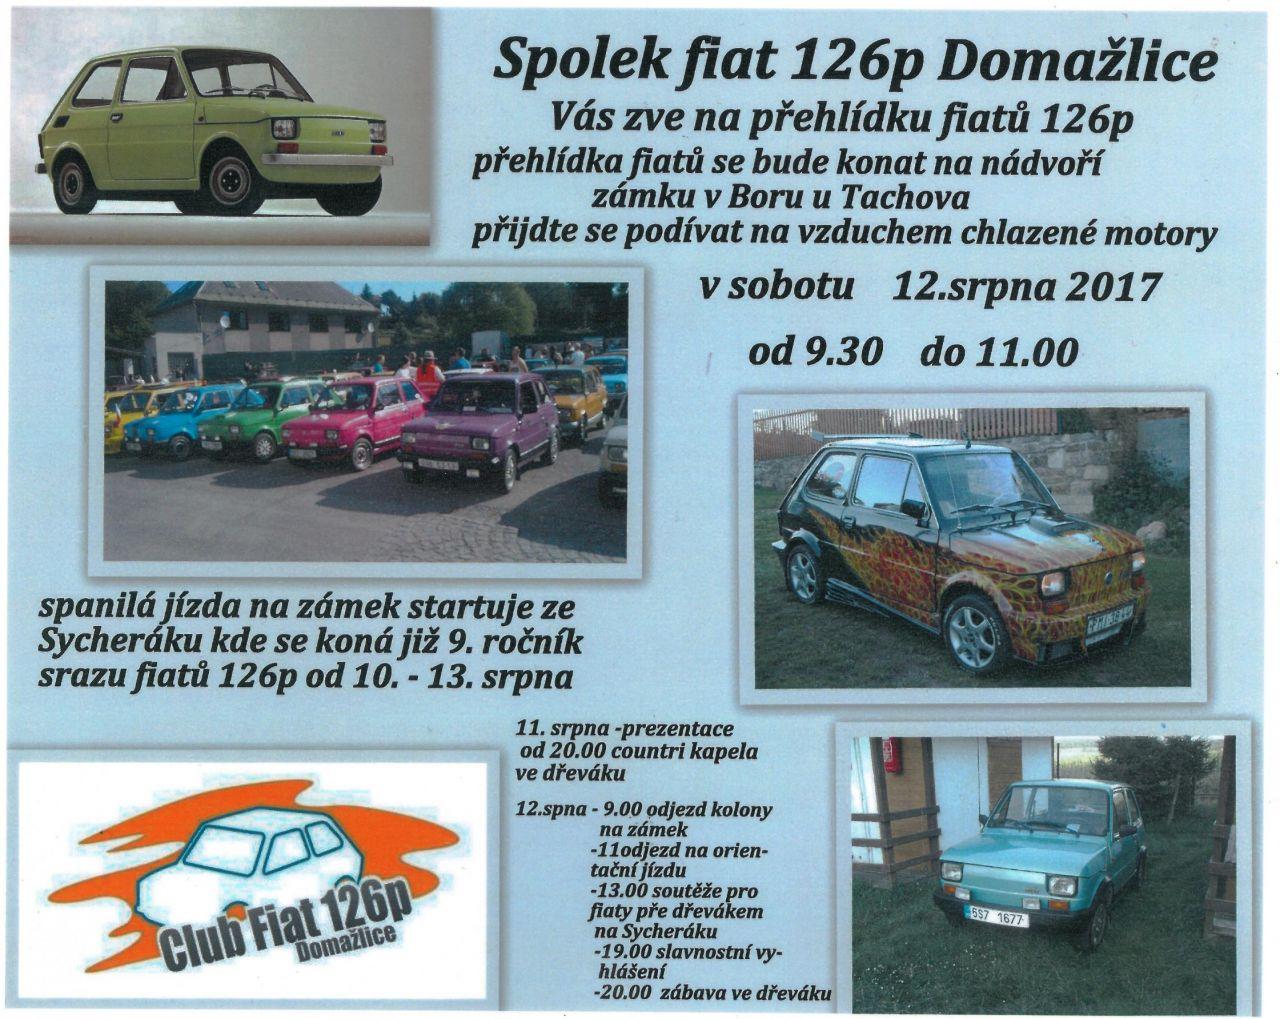 2017-08-12 Přehlídka Fiat 126p 1